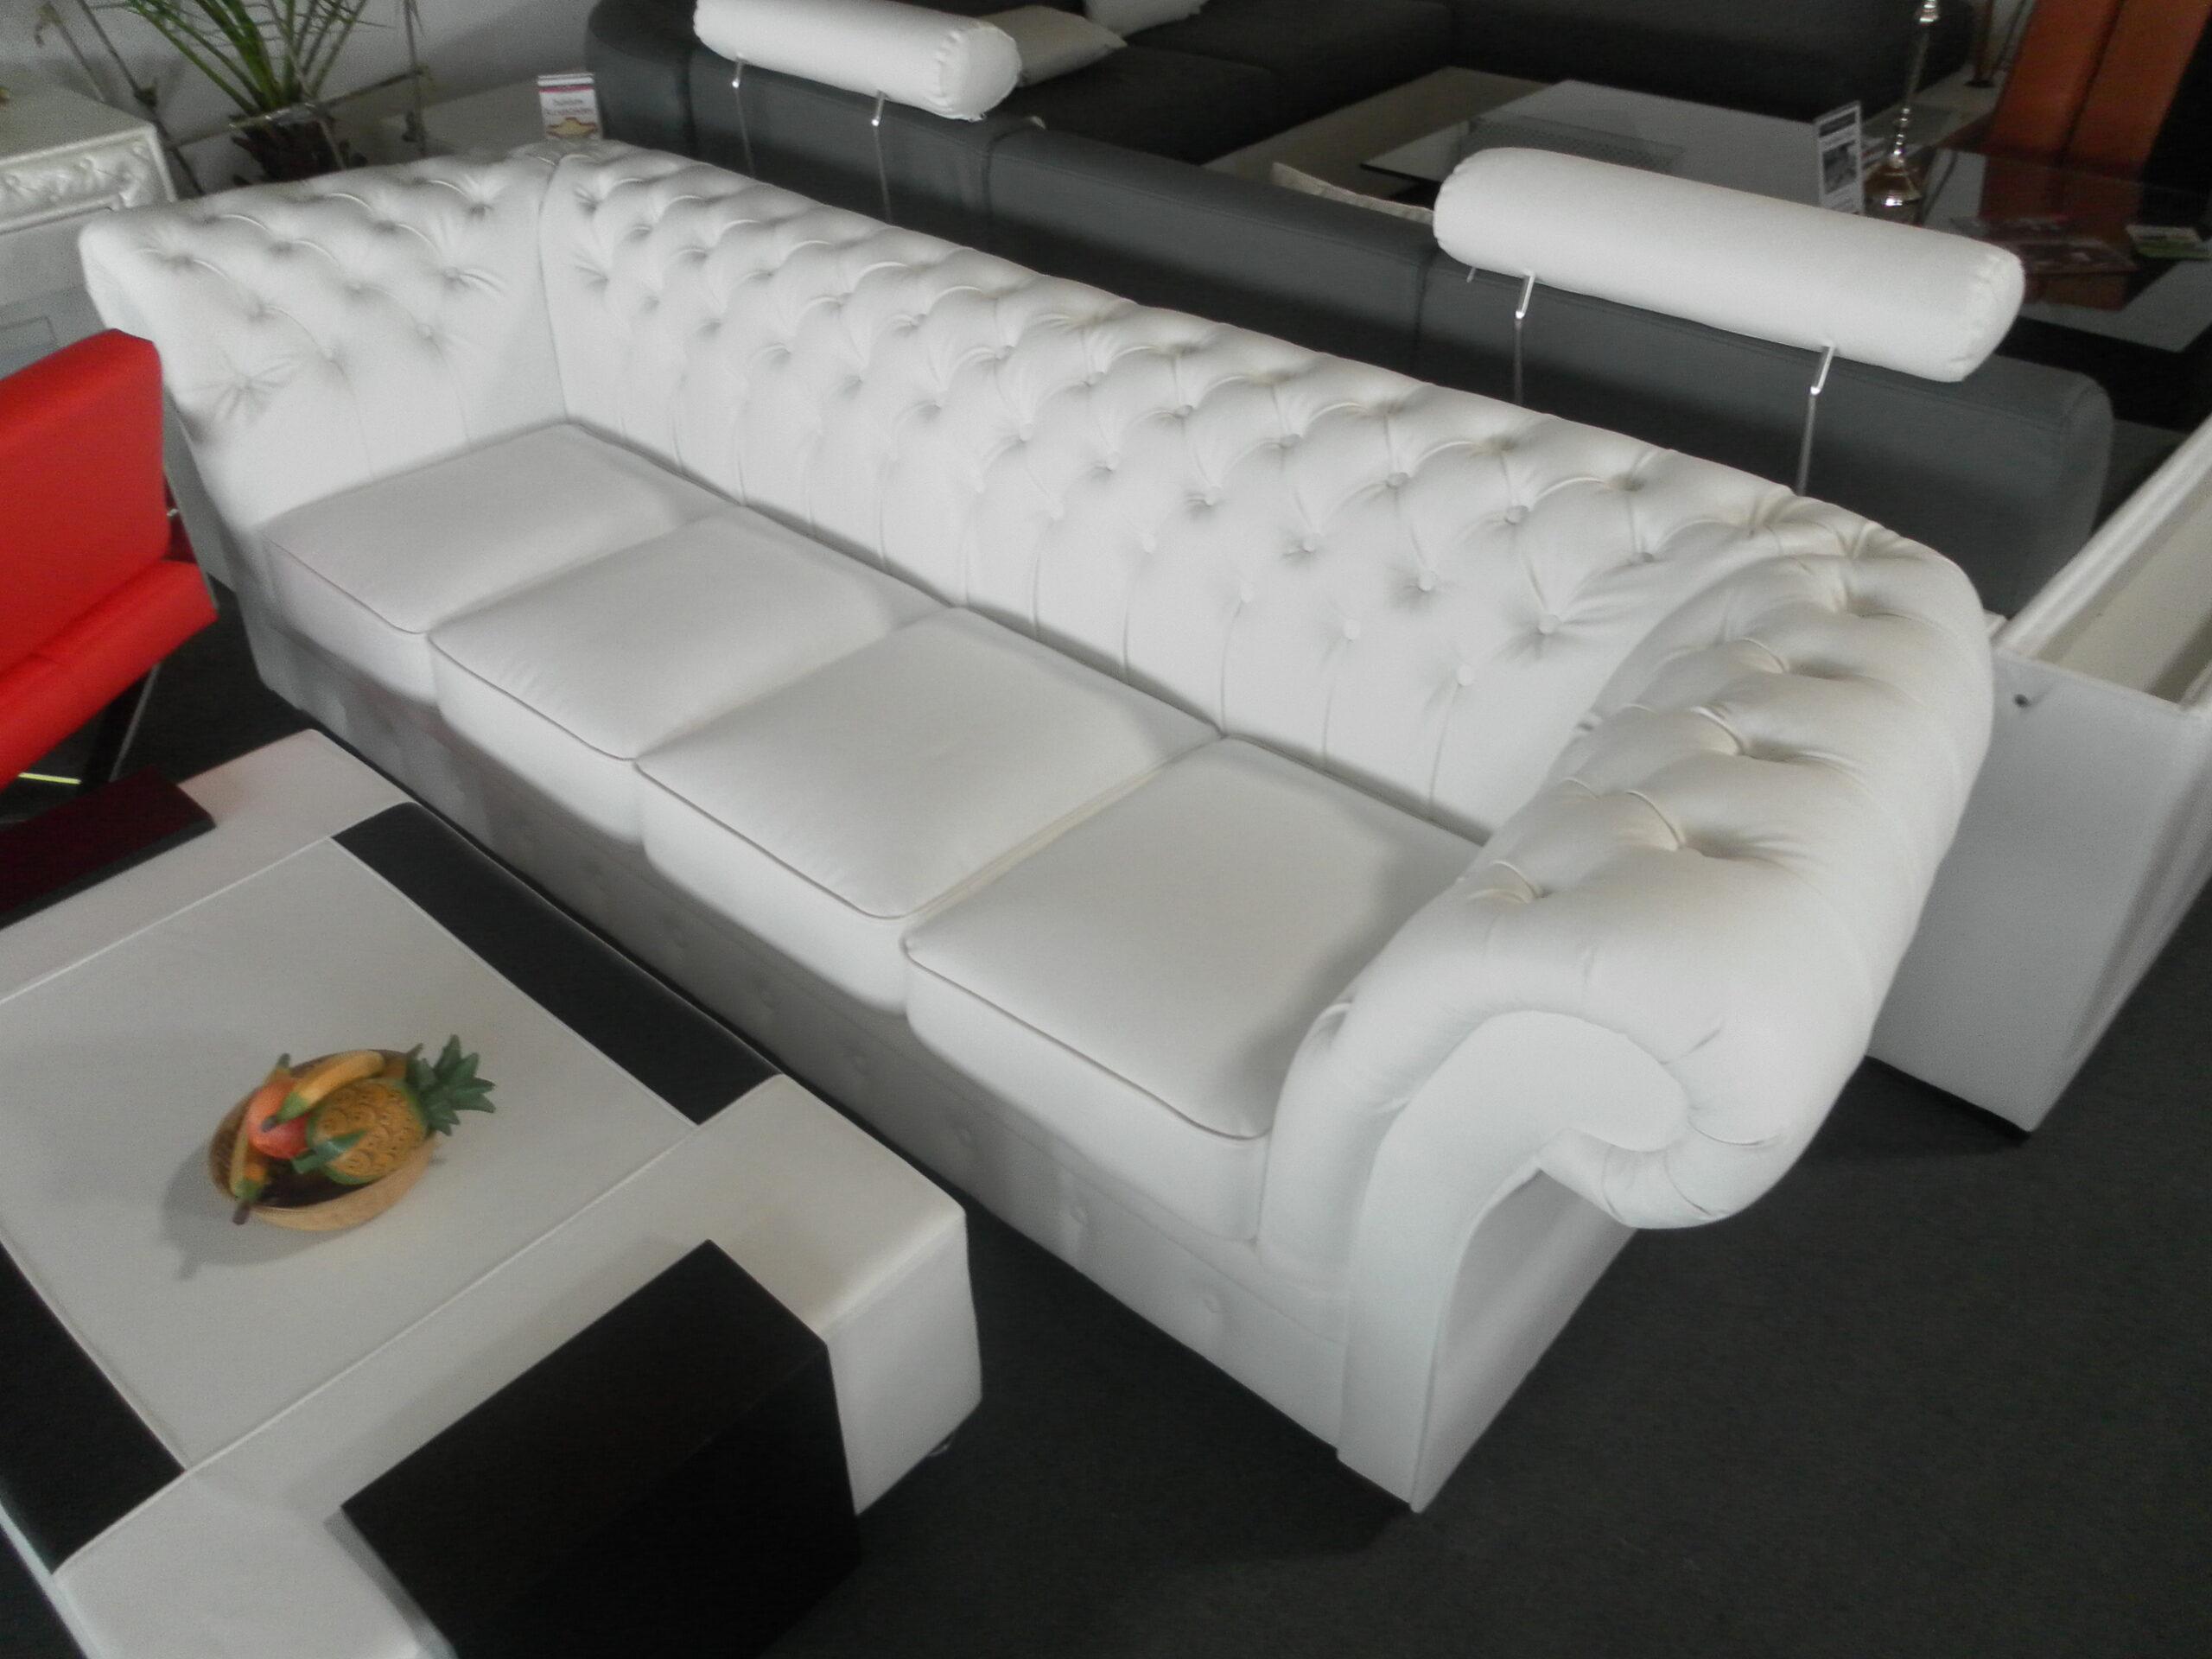 Full Size of Big Sofa Leder Designer Chesterfield 270 Cm Couch 5 Sitzer Esszimmer Dreisitzer Bora Halbrundes 2er Grau Mit Elektrischer Sitztiefenverstellung Aus Matratzen Sofa Big Sofa Leder